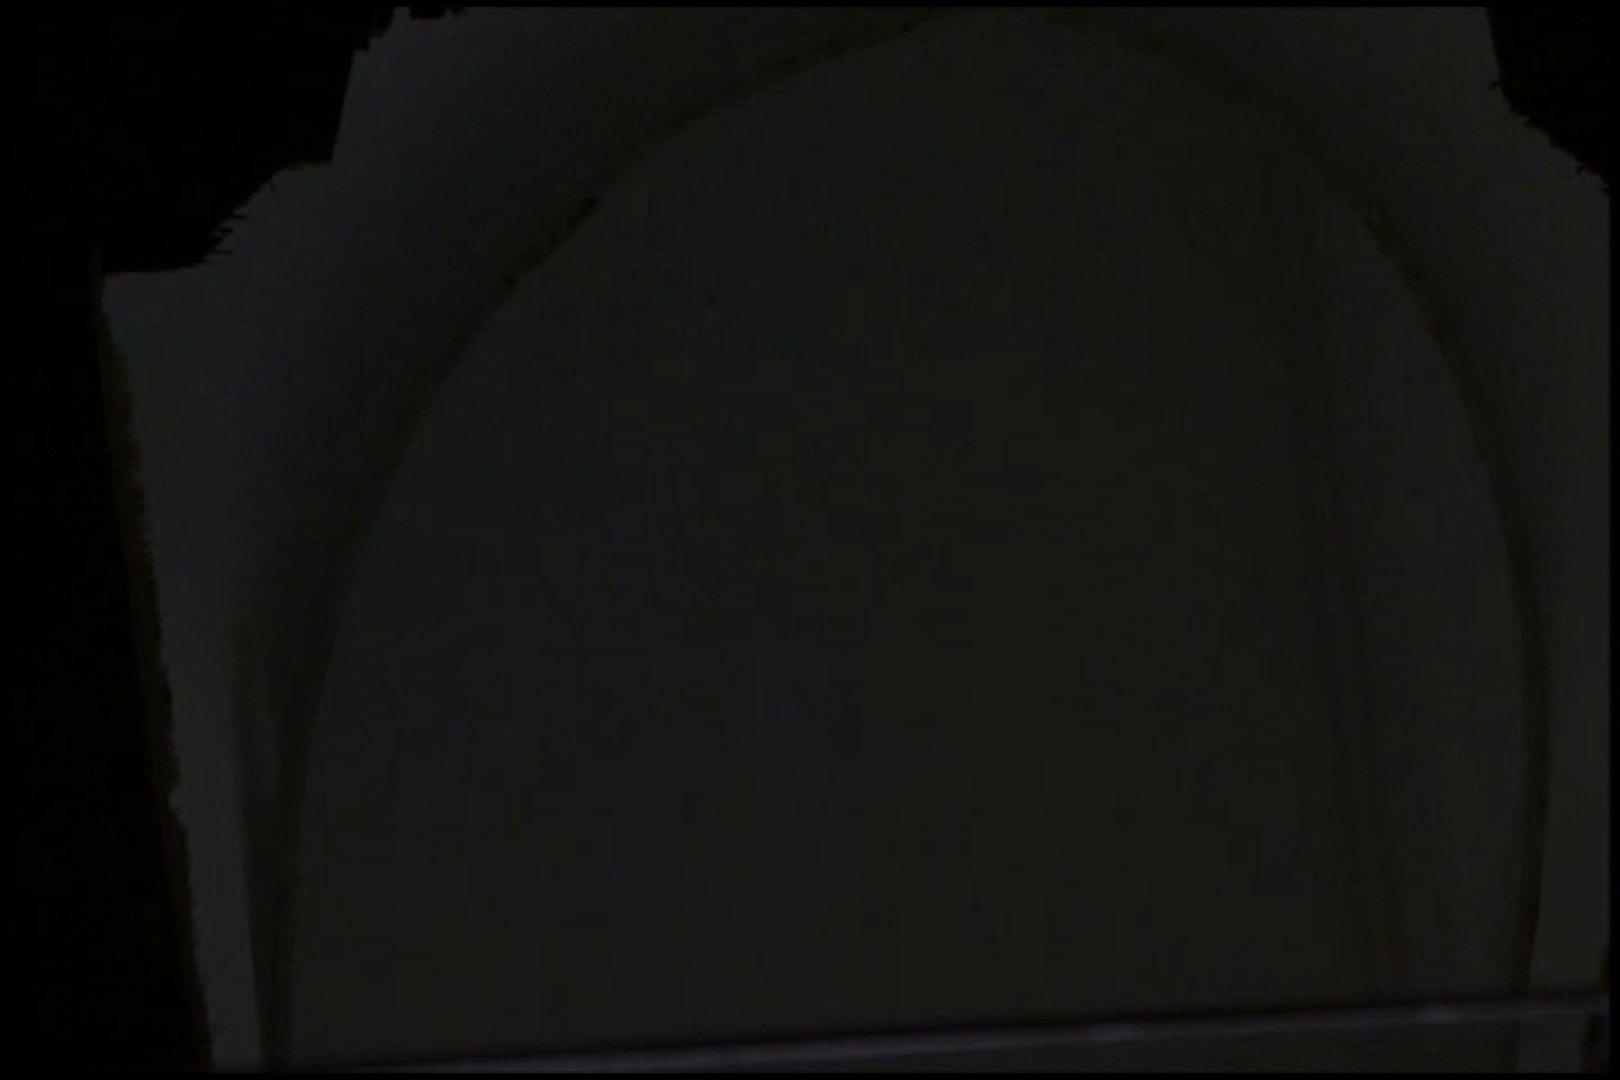 和式にまたがる女たちを待ちうけるカメラの衝撃映像vol.02 厠 オマンコ動画キャプチャ 10pic 9